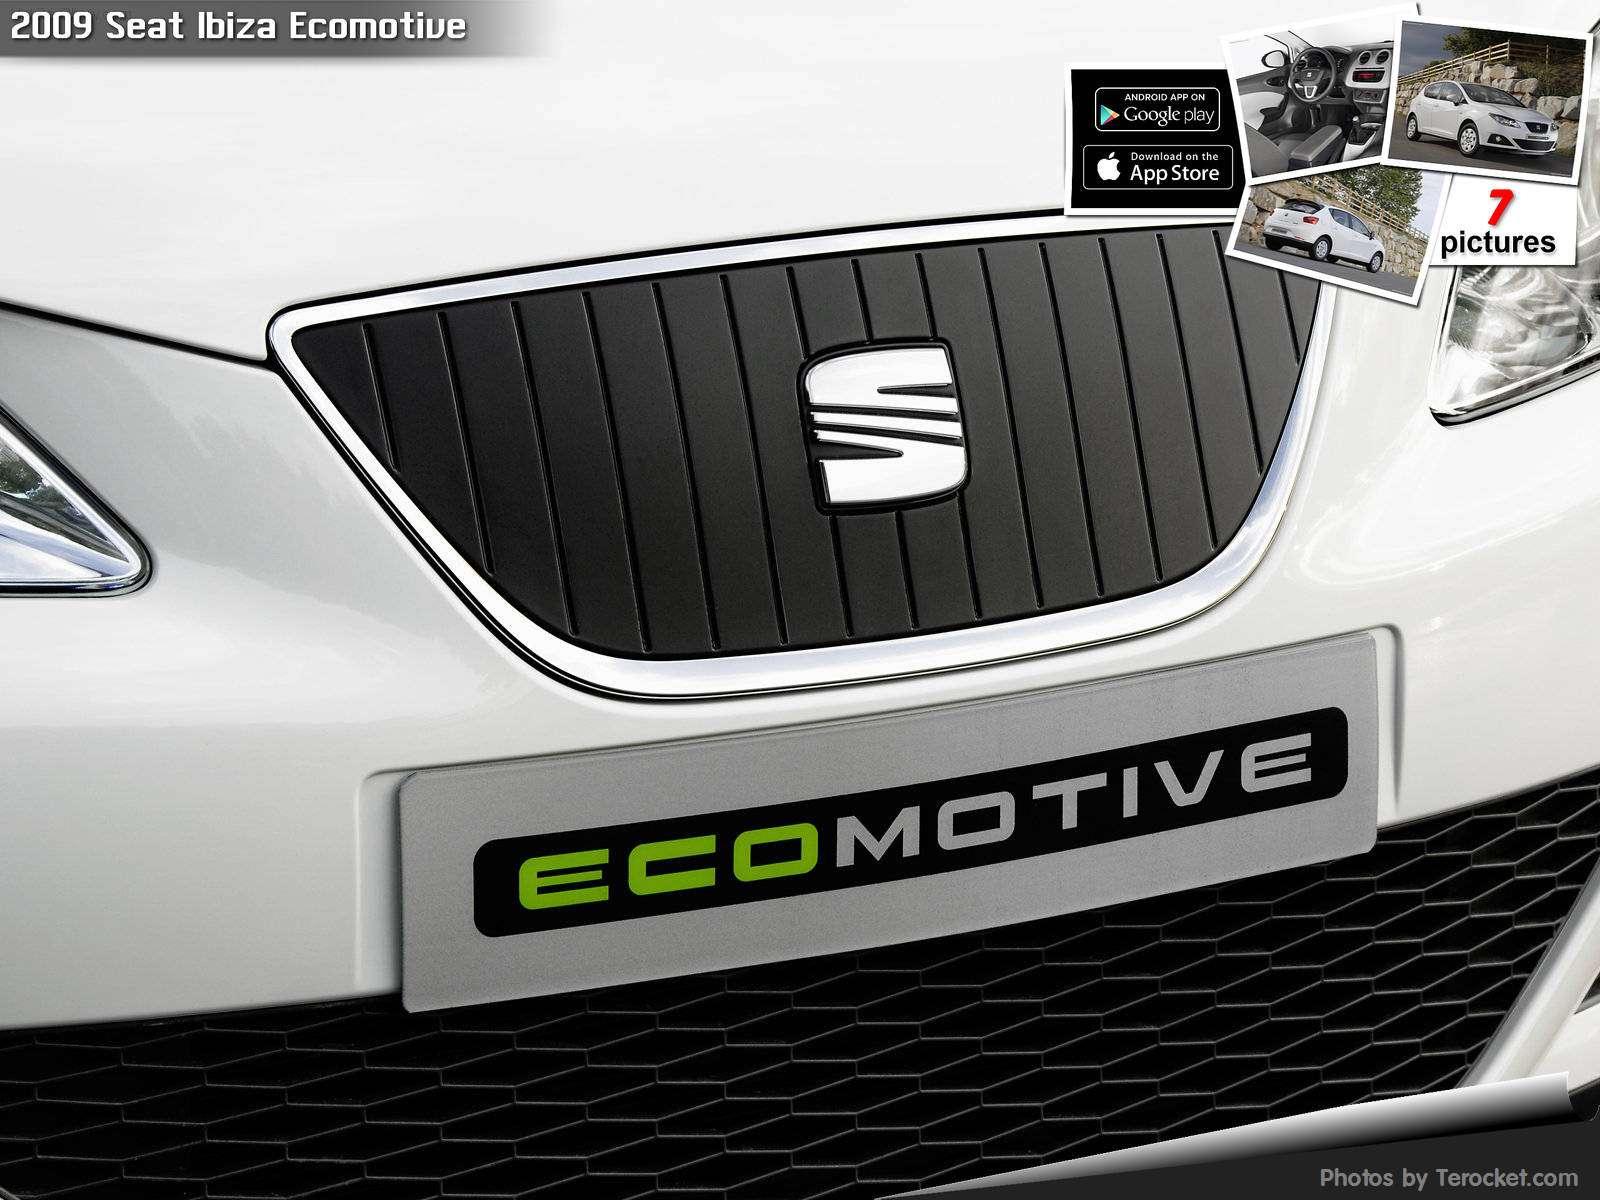 Hình ảnh xe ô tô Seat Ibiza Ecomotive 2009 & nội ngoại thất